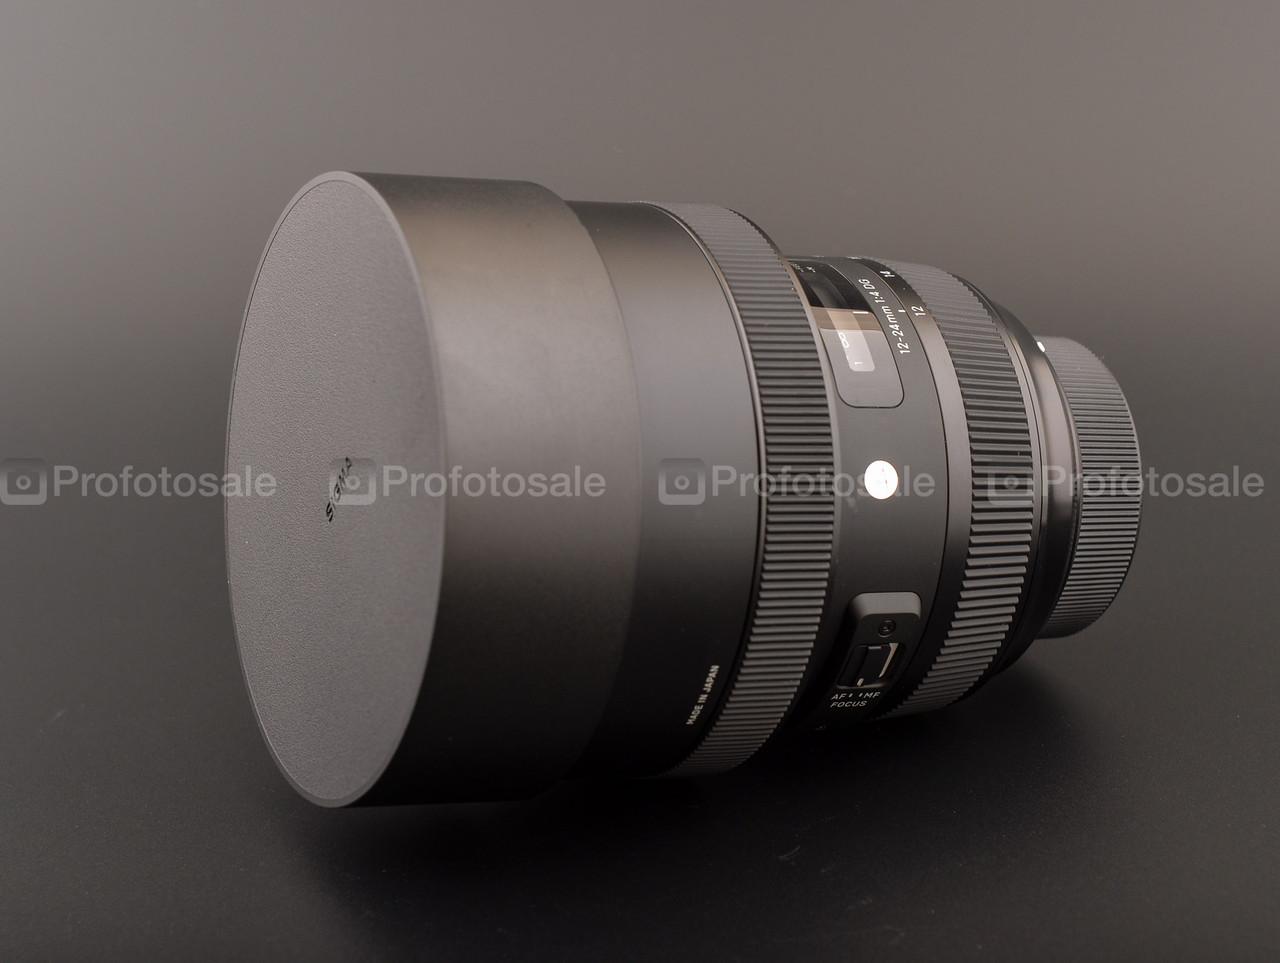 Sigma AF 12-24mm f/4 DG HSM Art Nikon